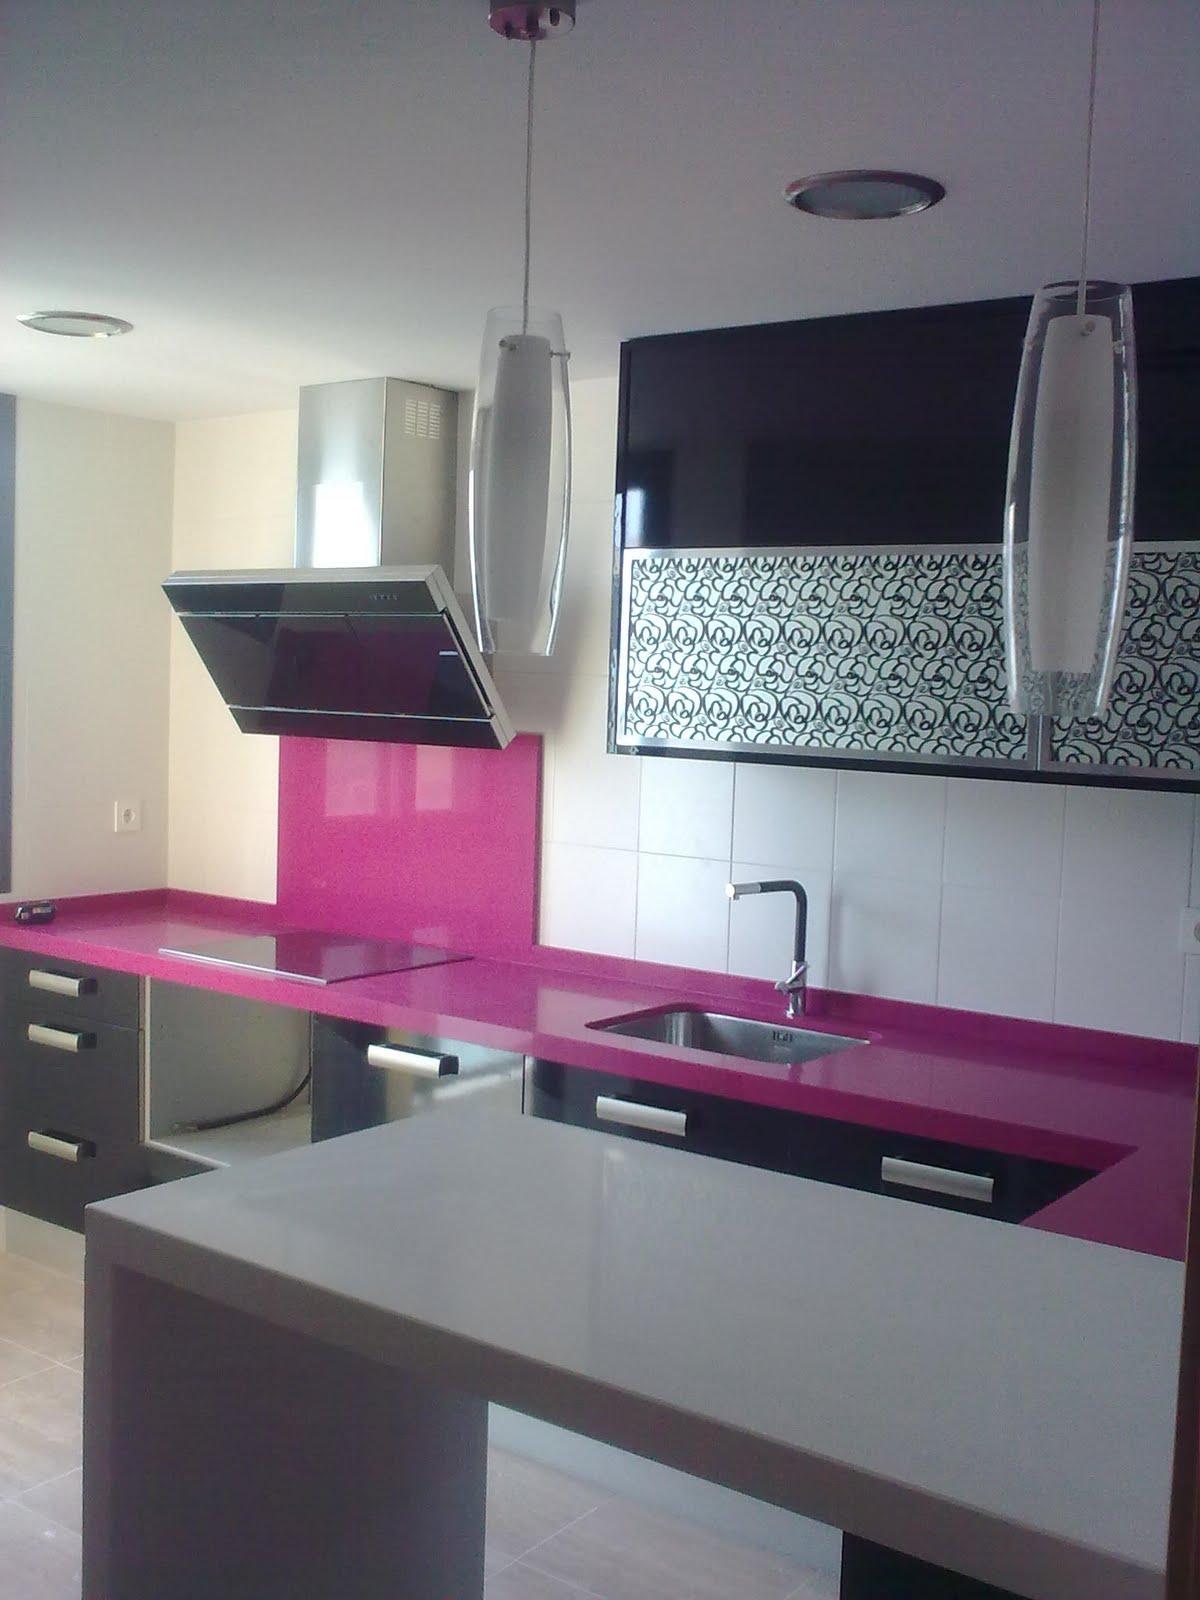 Cocinaszaragoza - Cocinas Silestone Colores - Serart.net